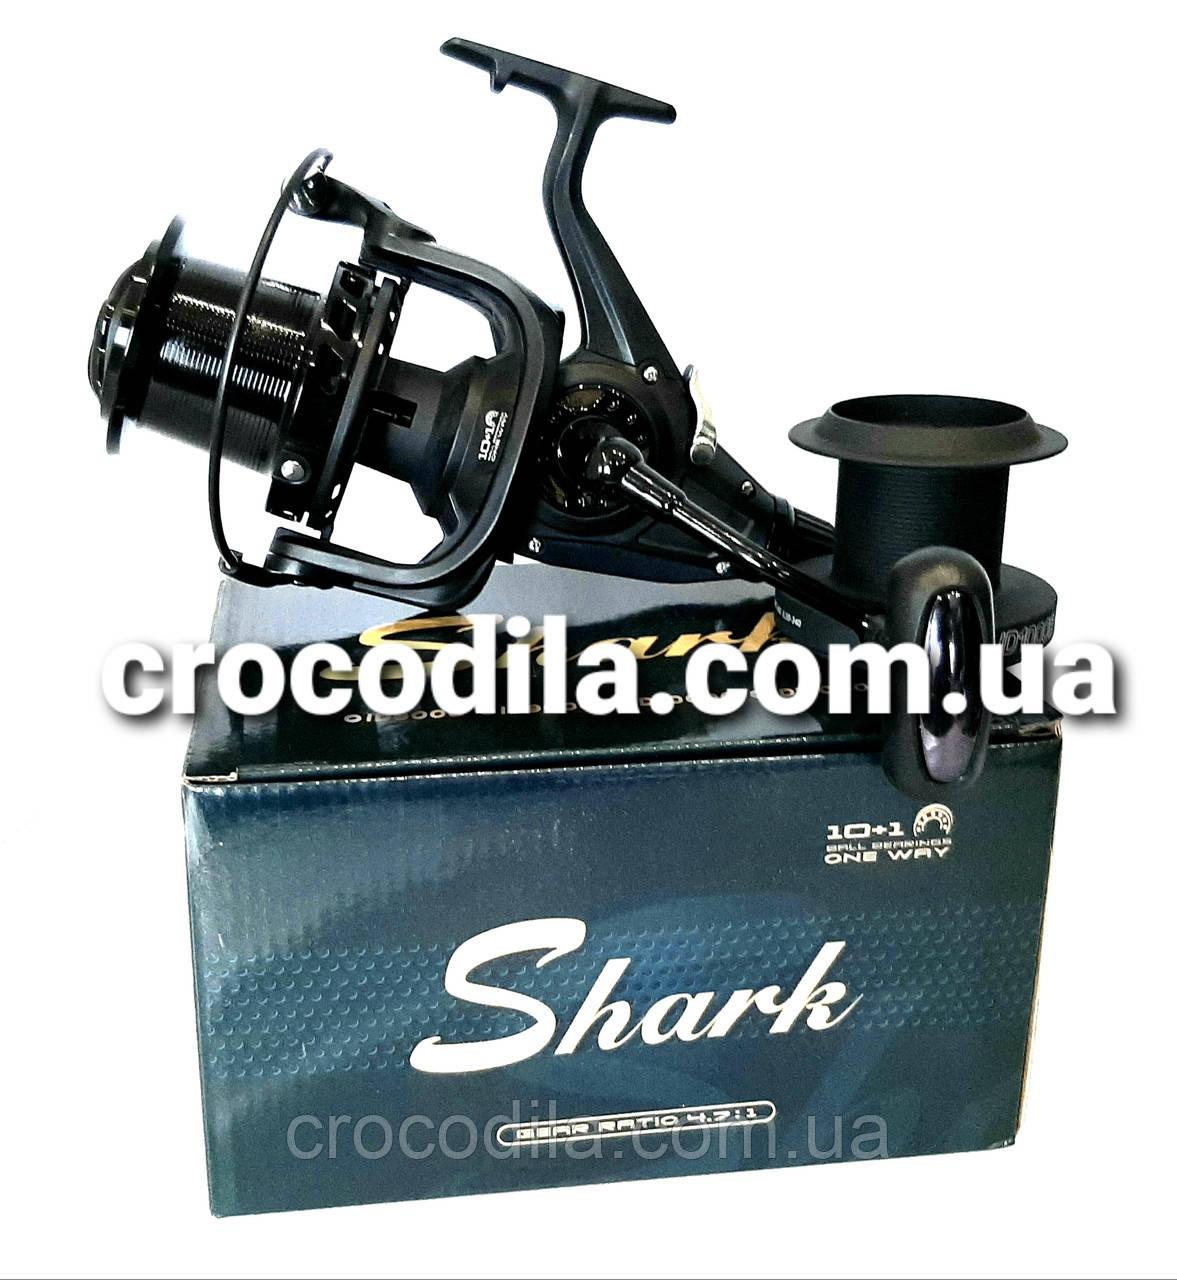 Карповая катушка с бейтранером Shark ID 10000 10+1